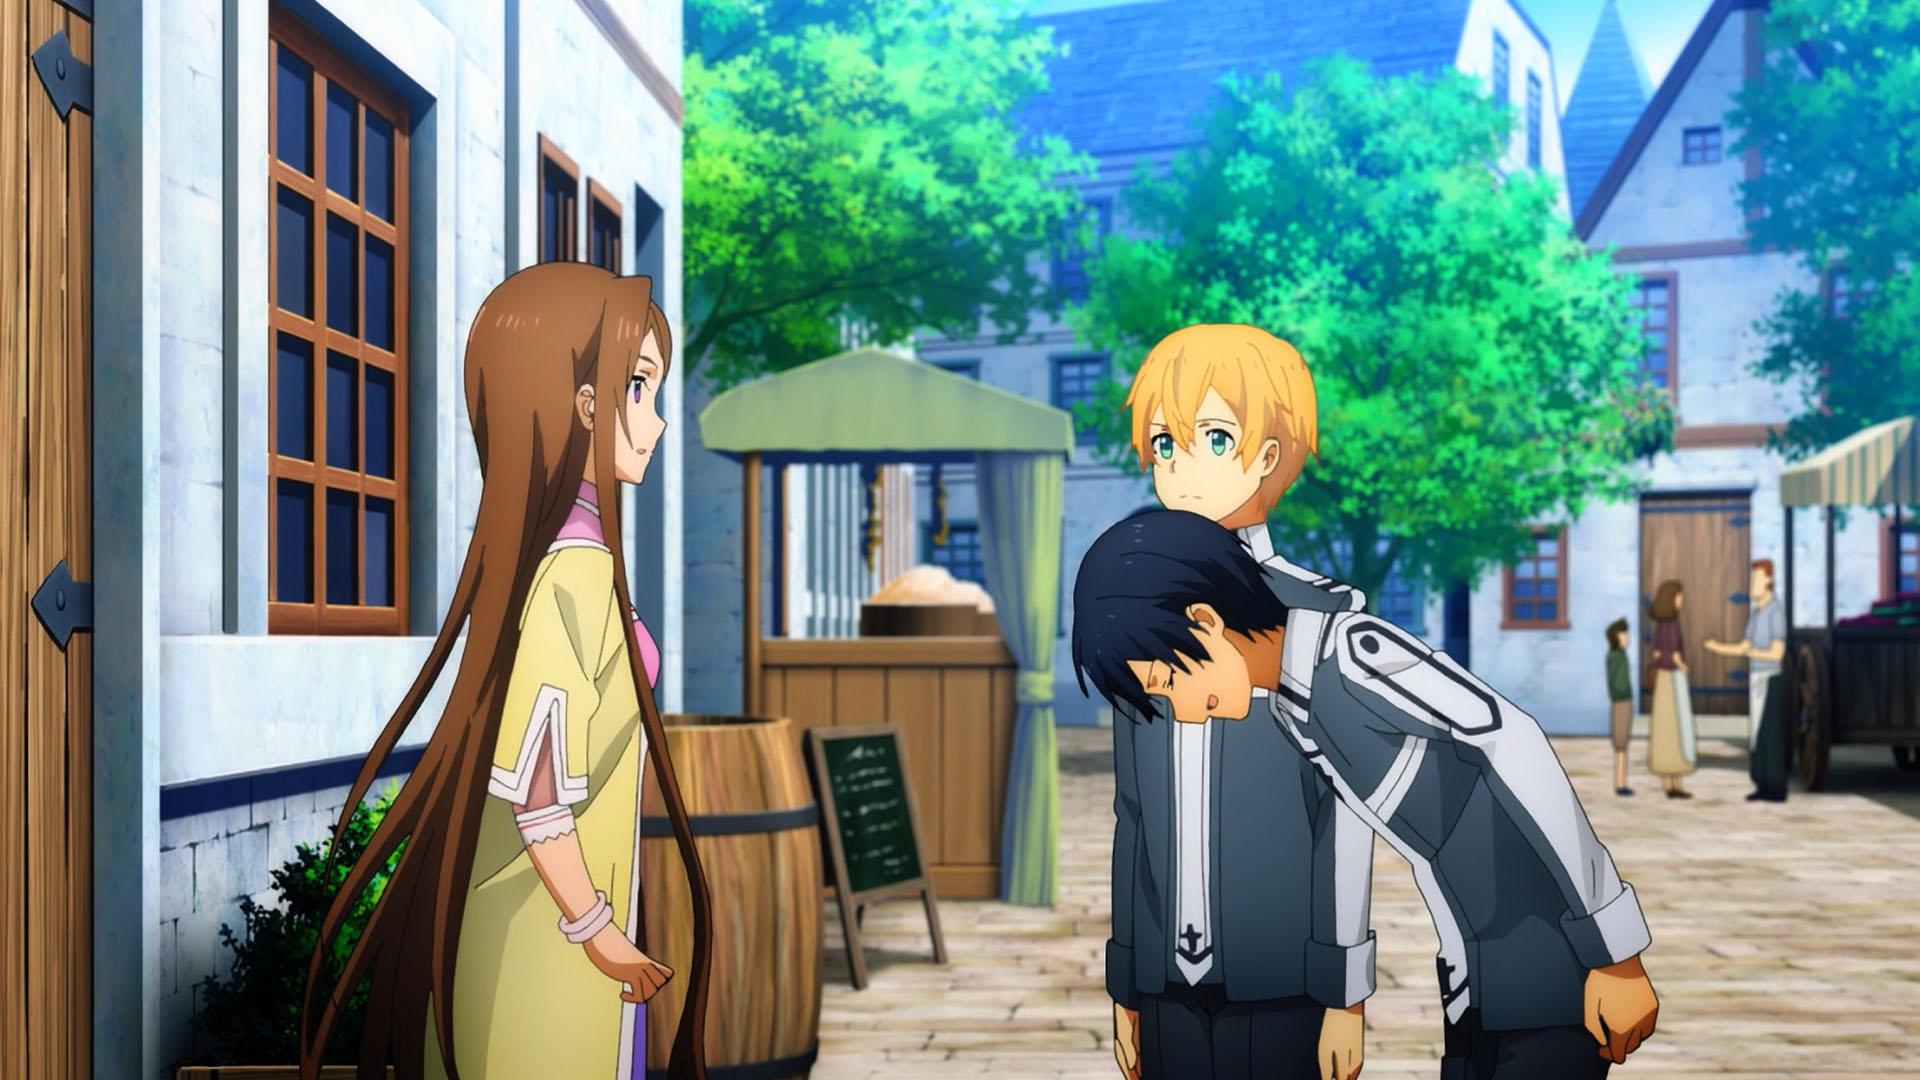 Sword Art Online: Alicization - 07 | Random Curiosity